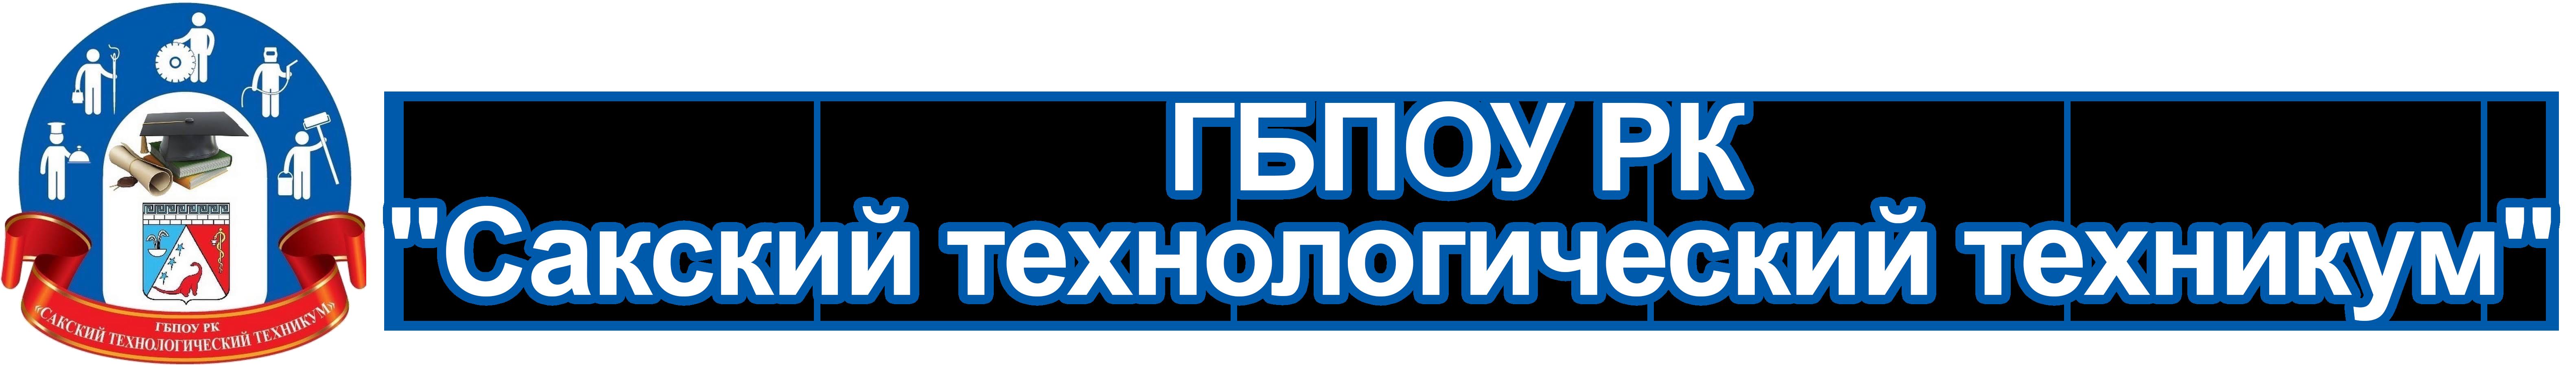 """ГБПОУ РК """"Сакский технологический техникум"""""""